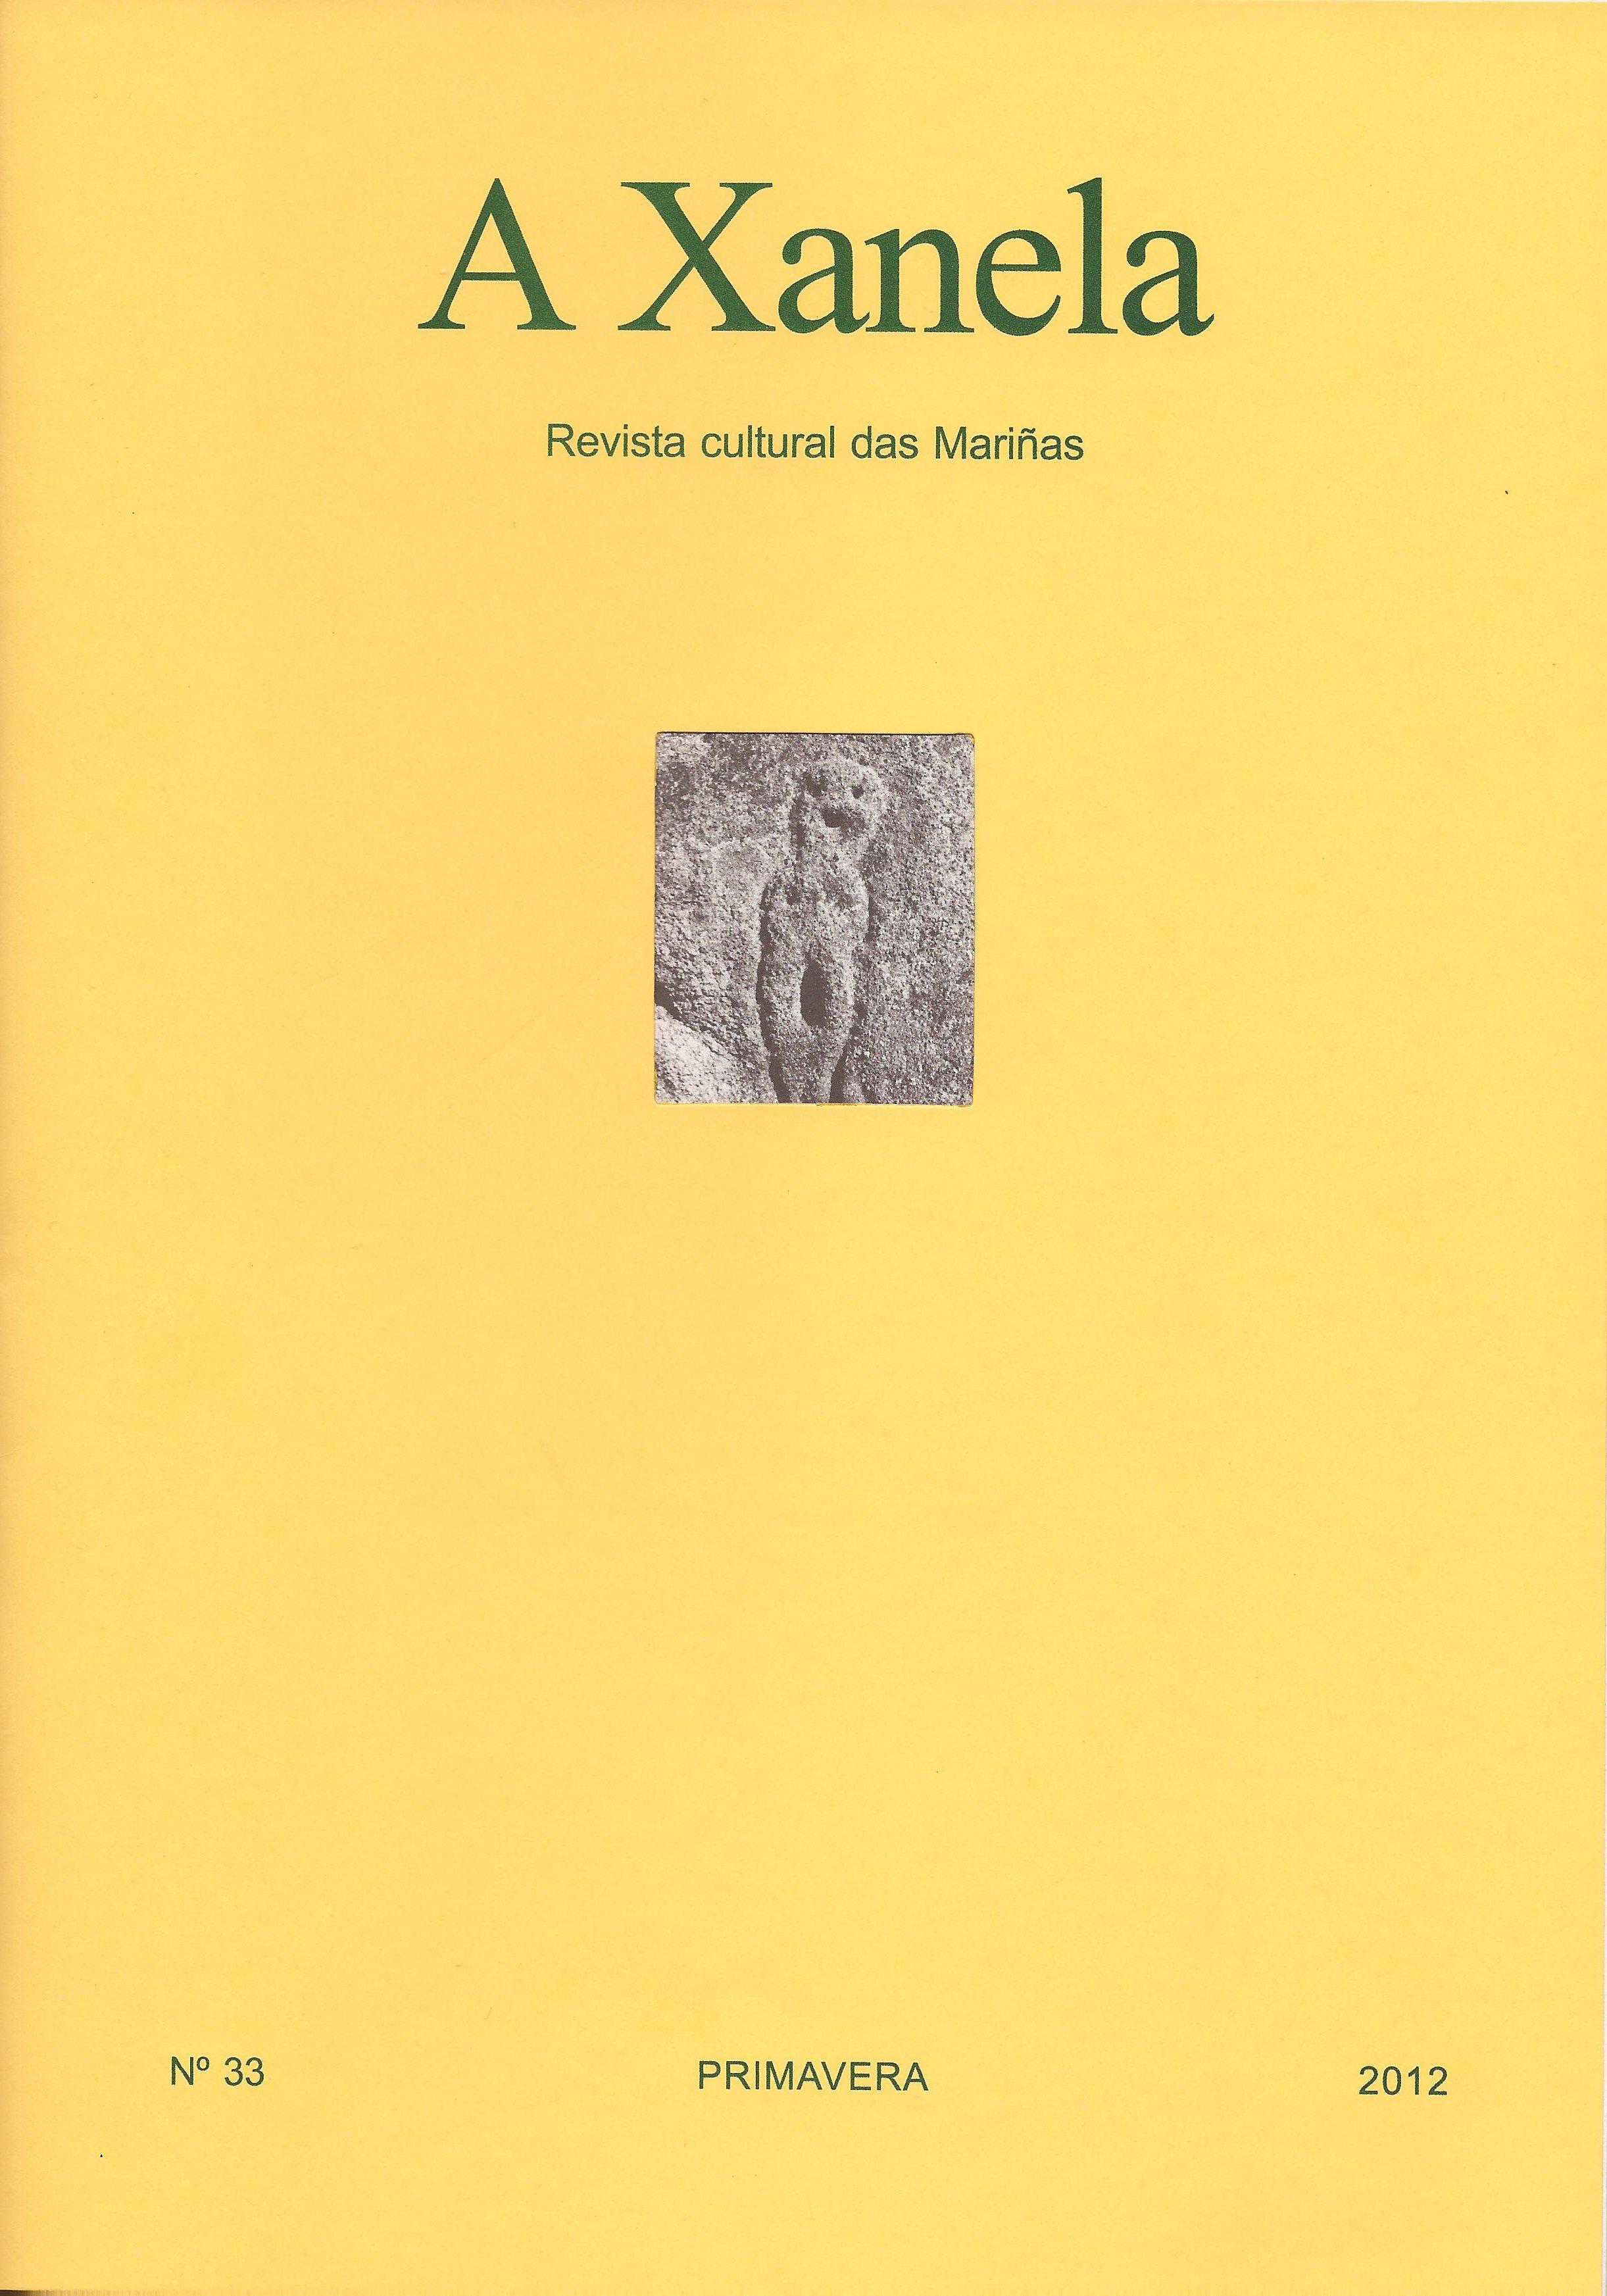 A revista cultural das Mariñas achega catro sonetos inéditos de Cunqueiro